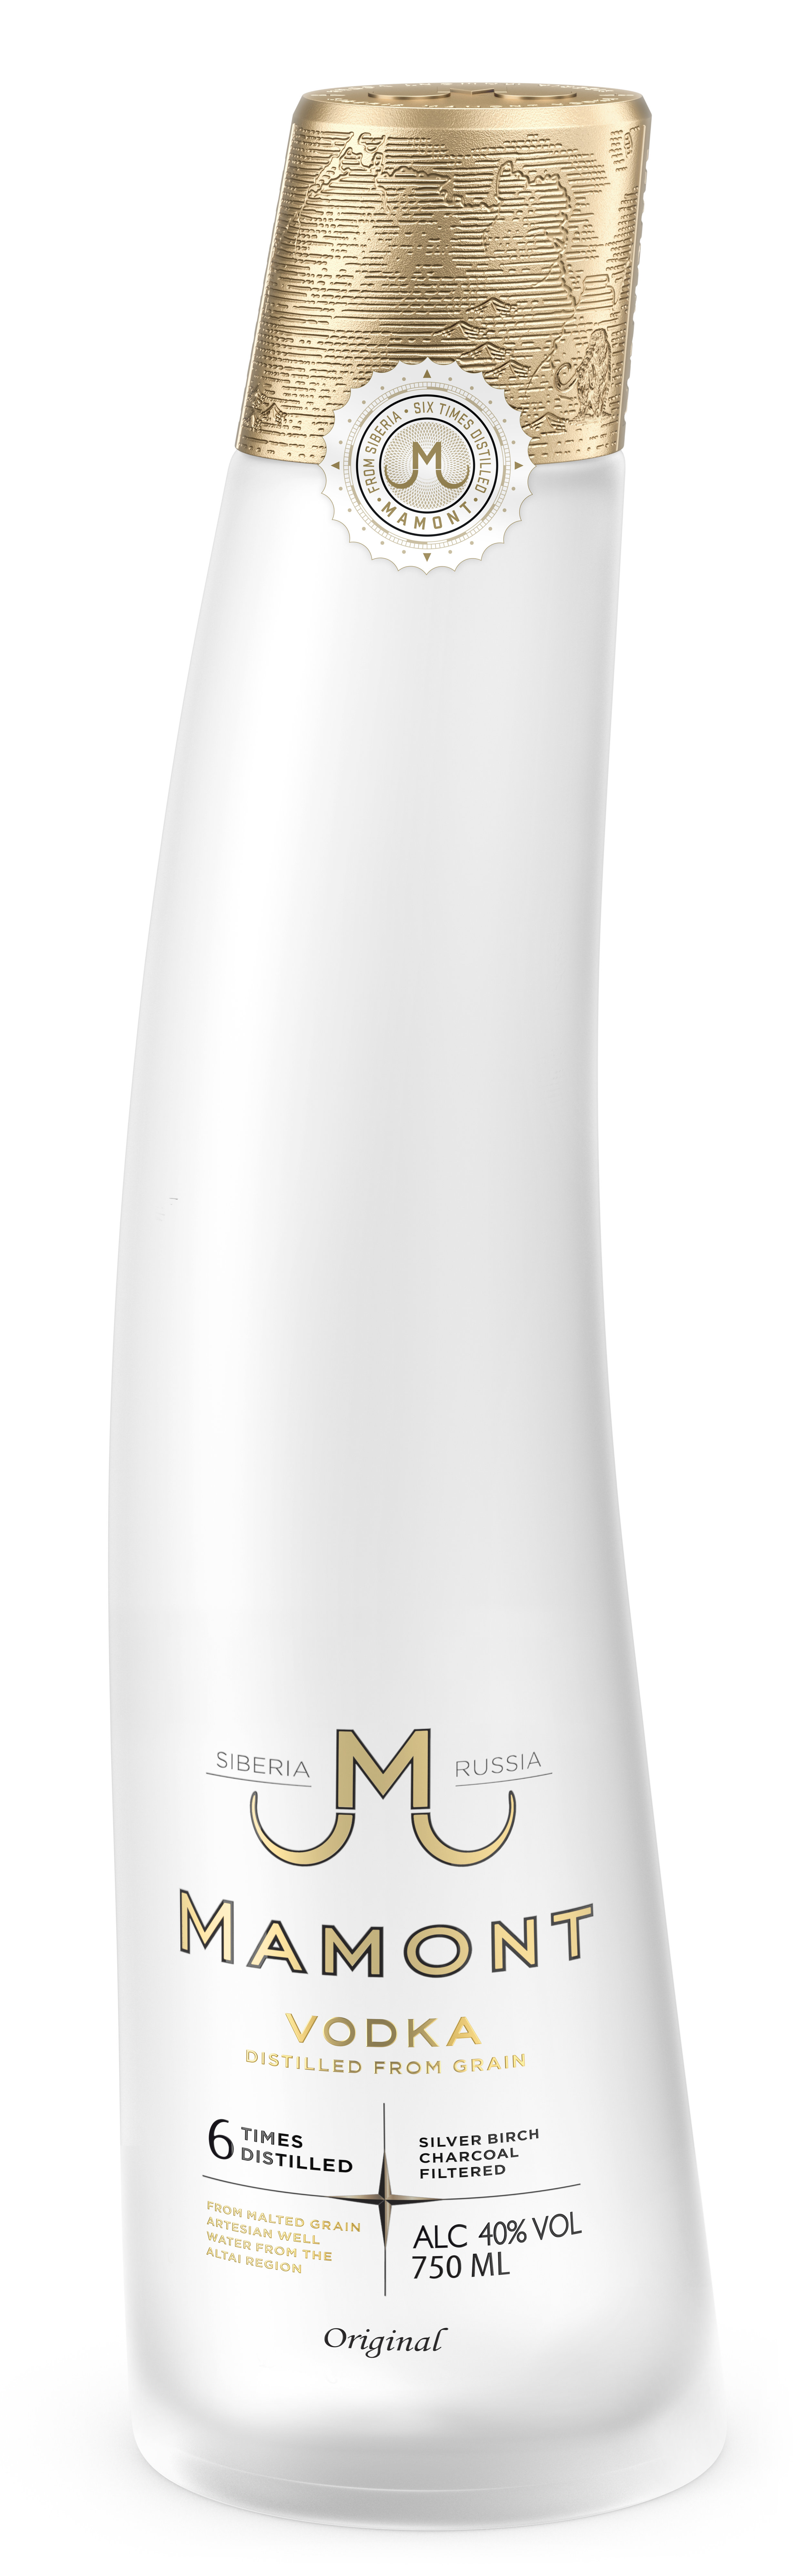 Mamont Bottle.jpg